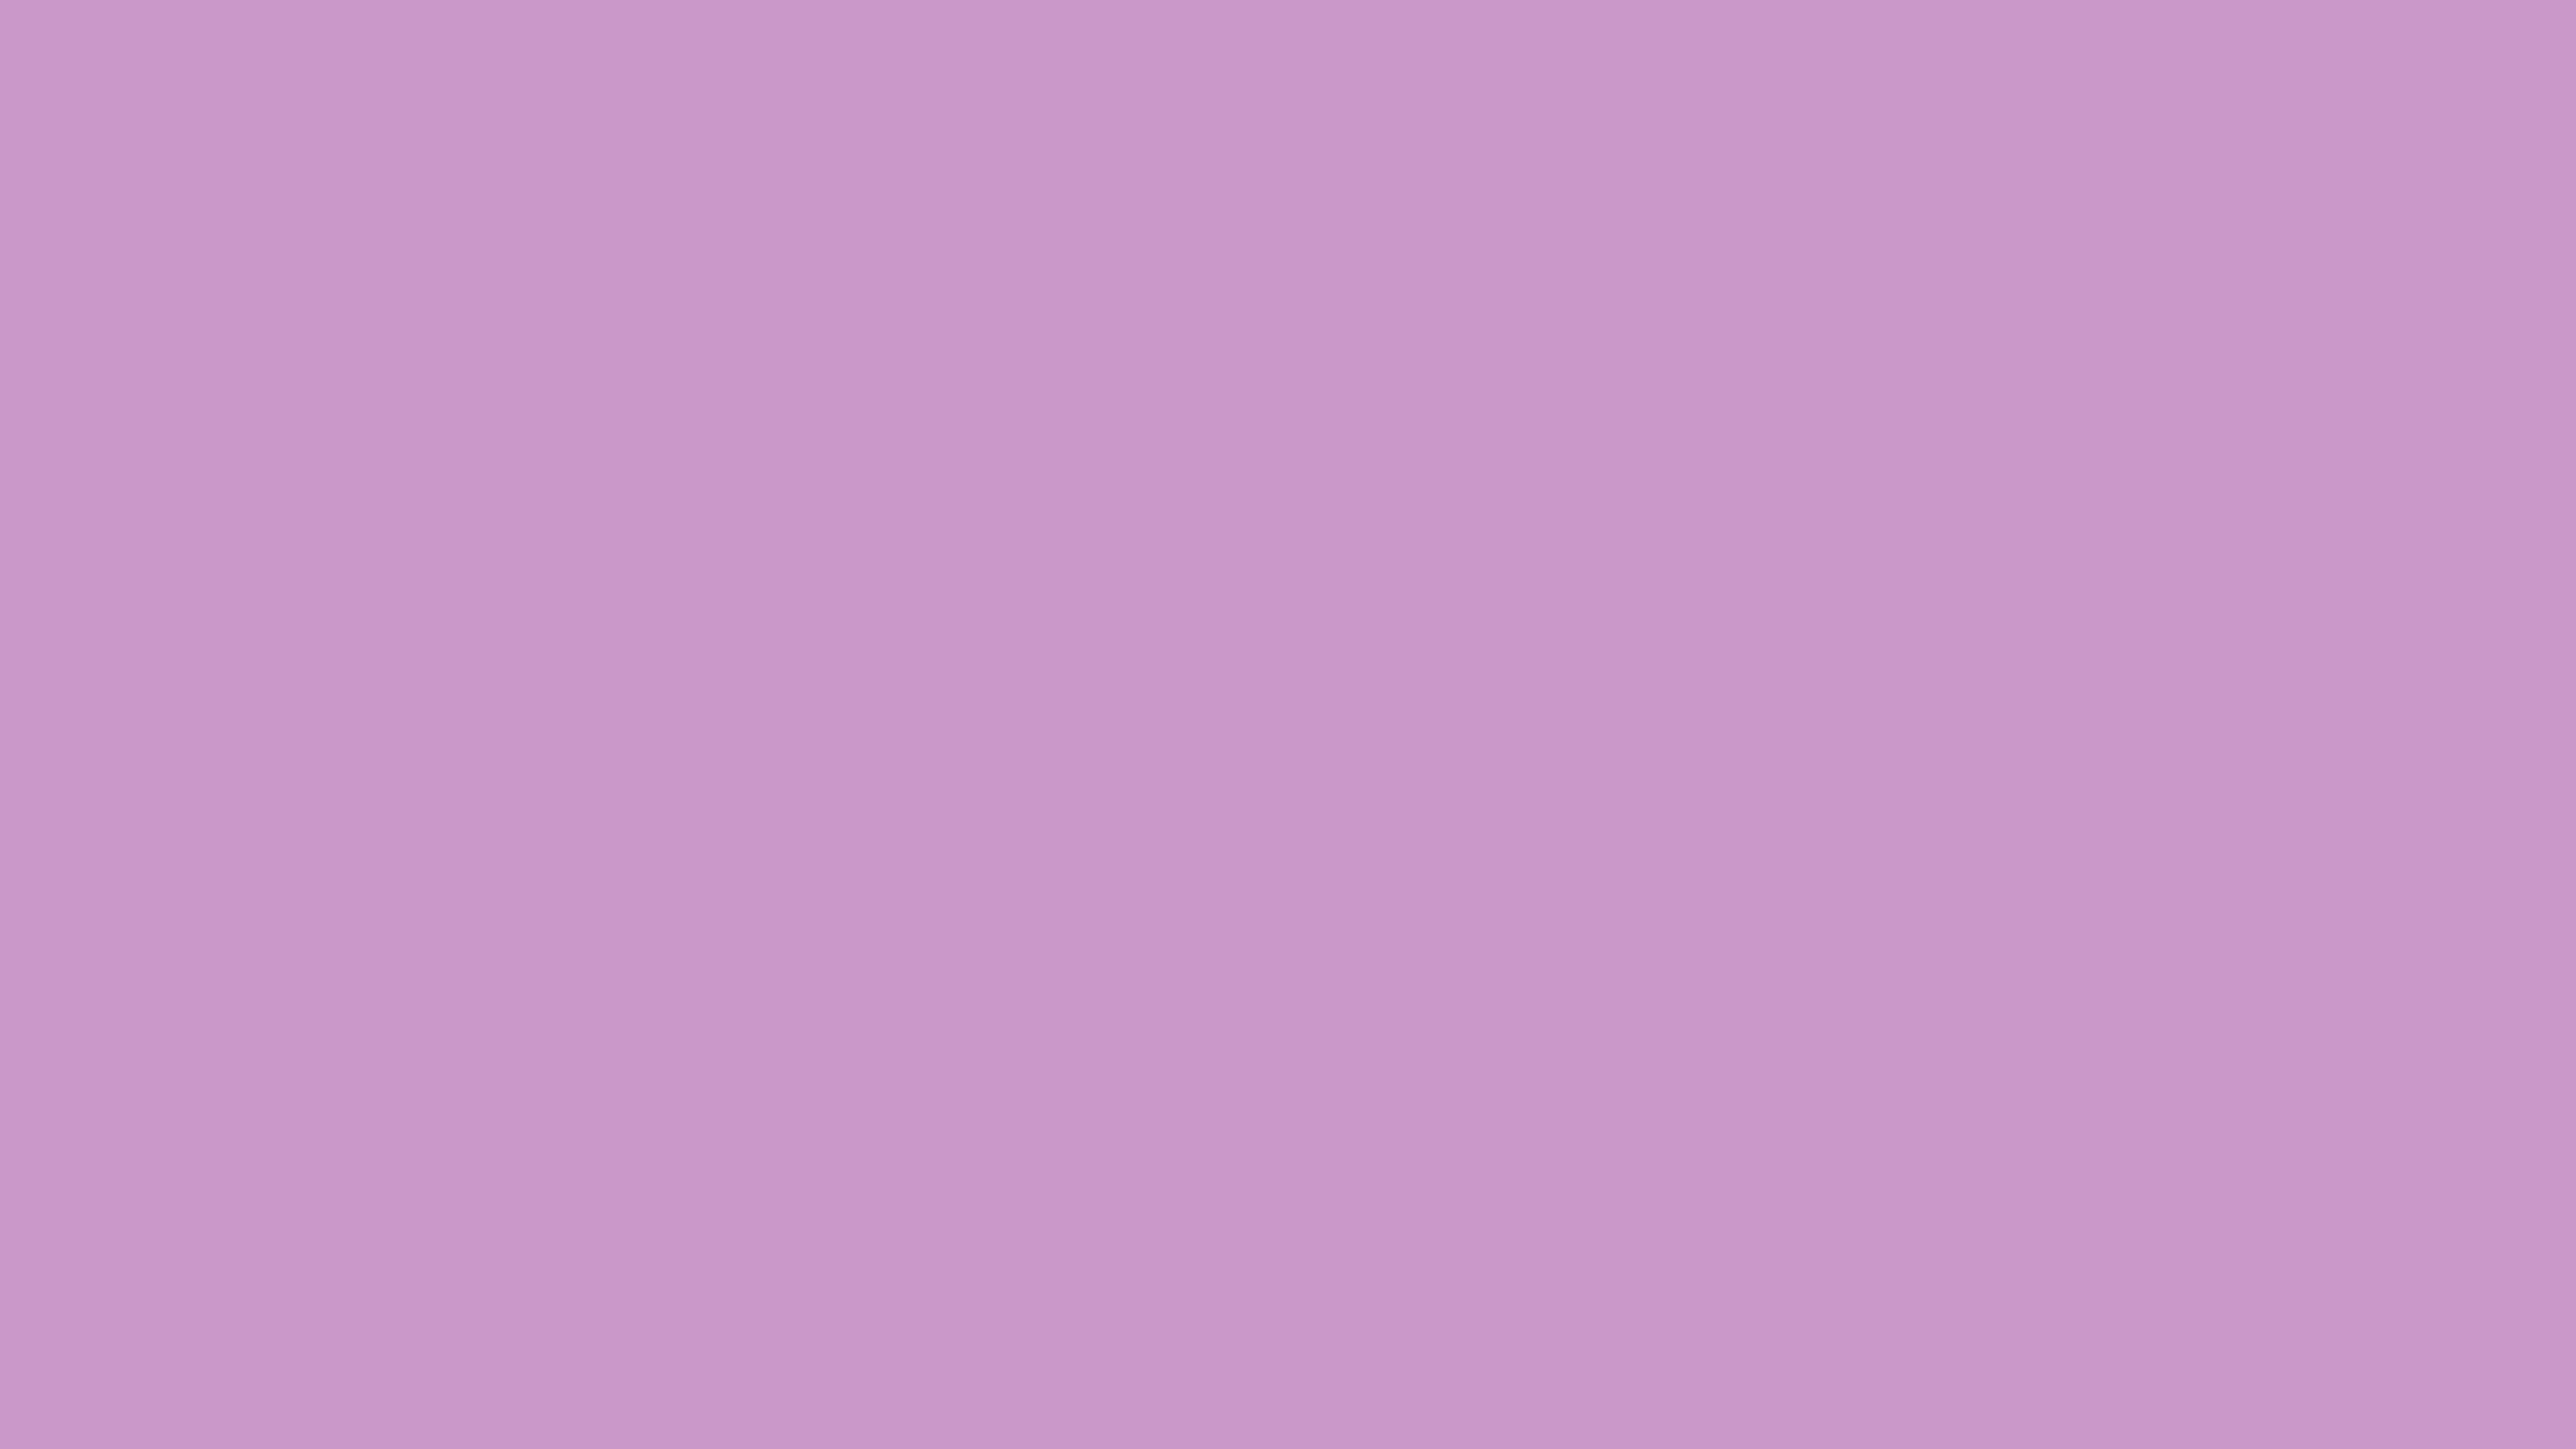 3840x2160 Pastel Violet Solid Color Background